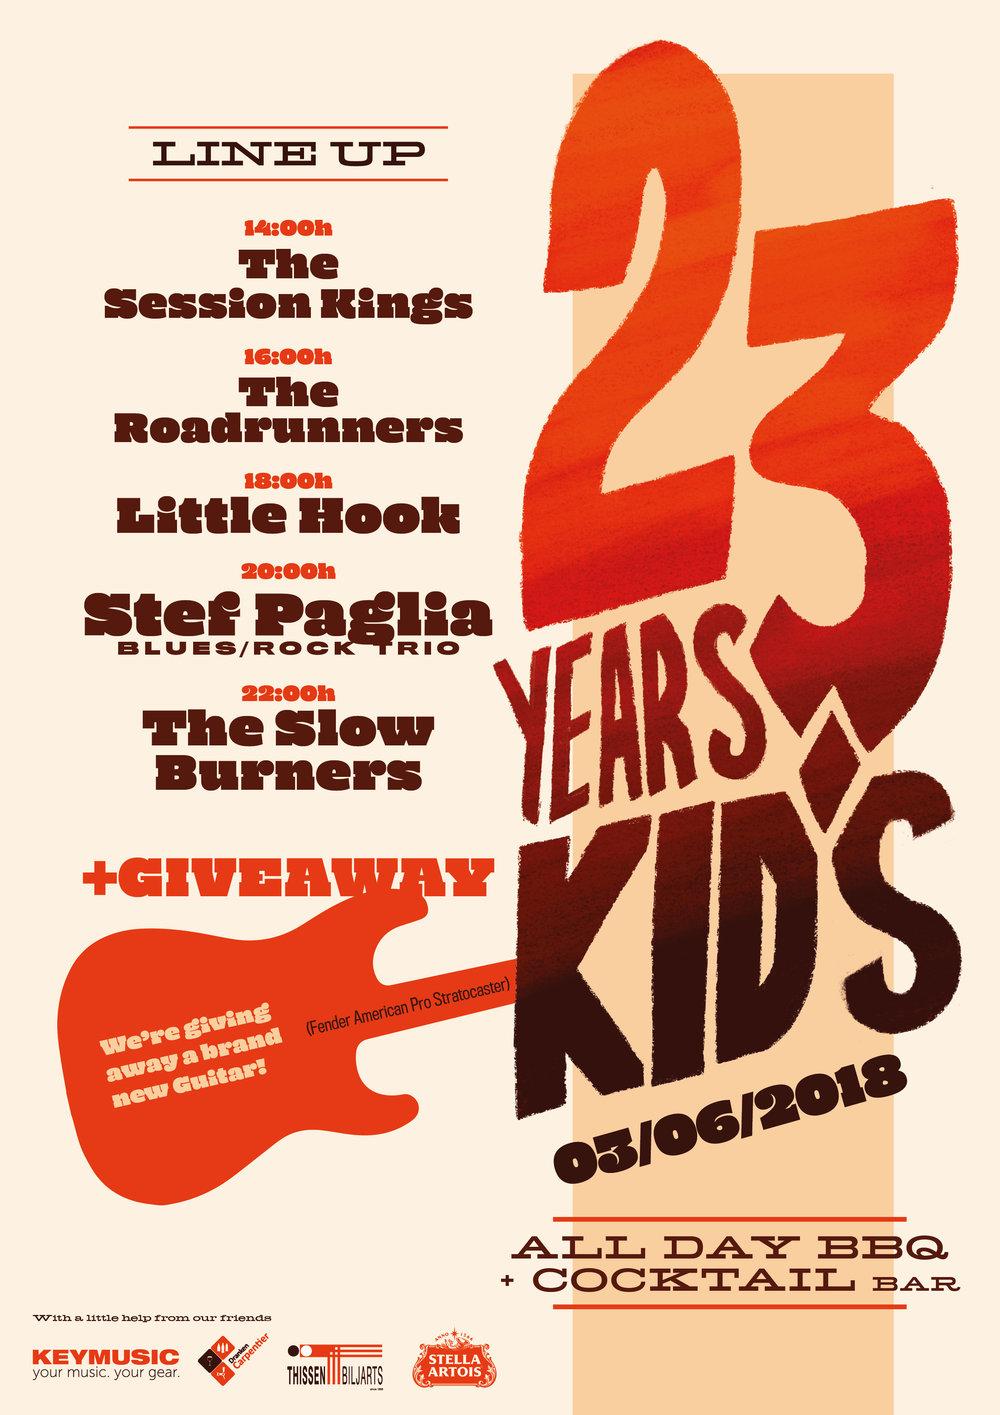 23 Years Kid's